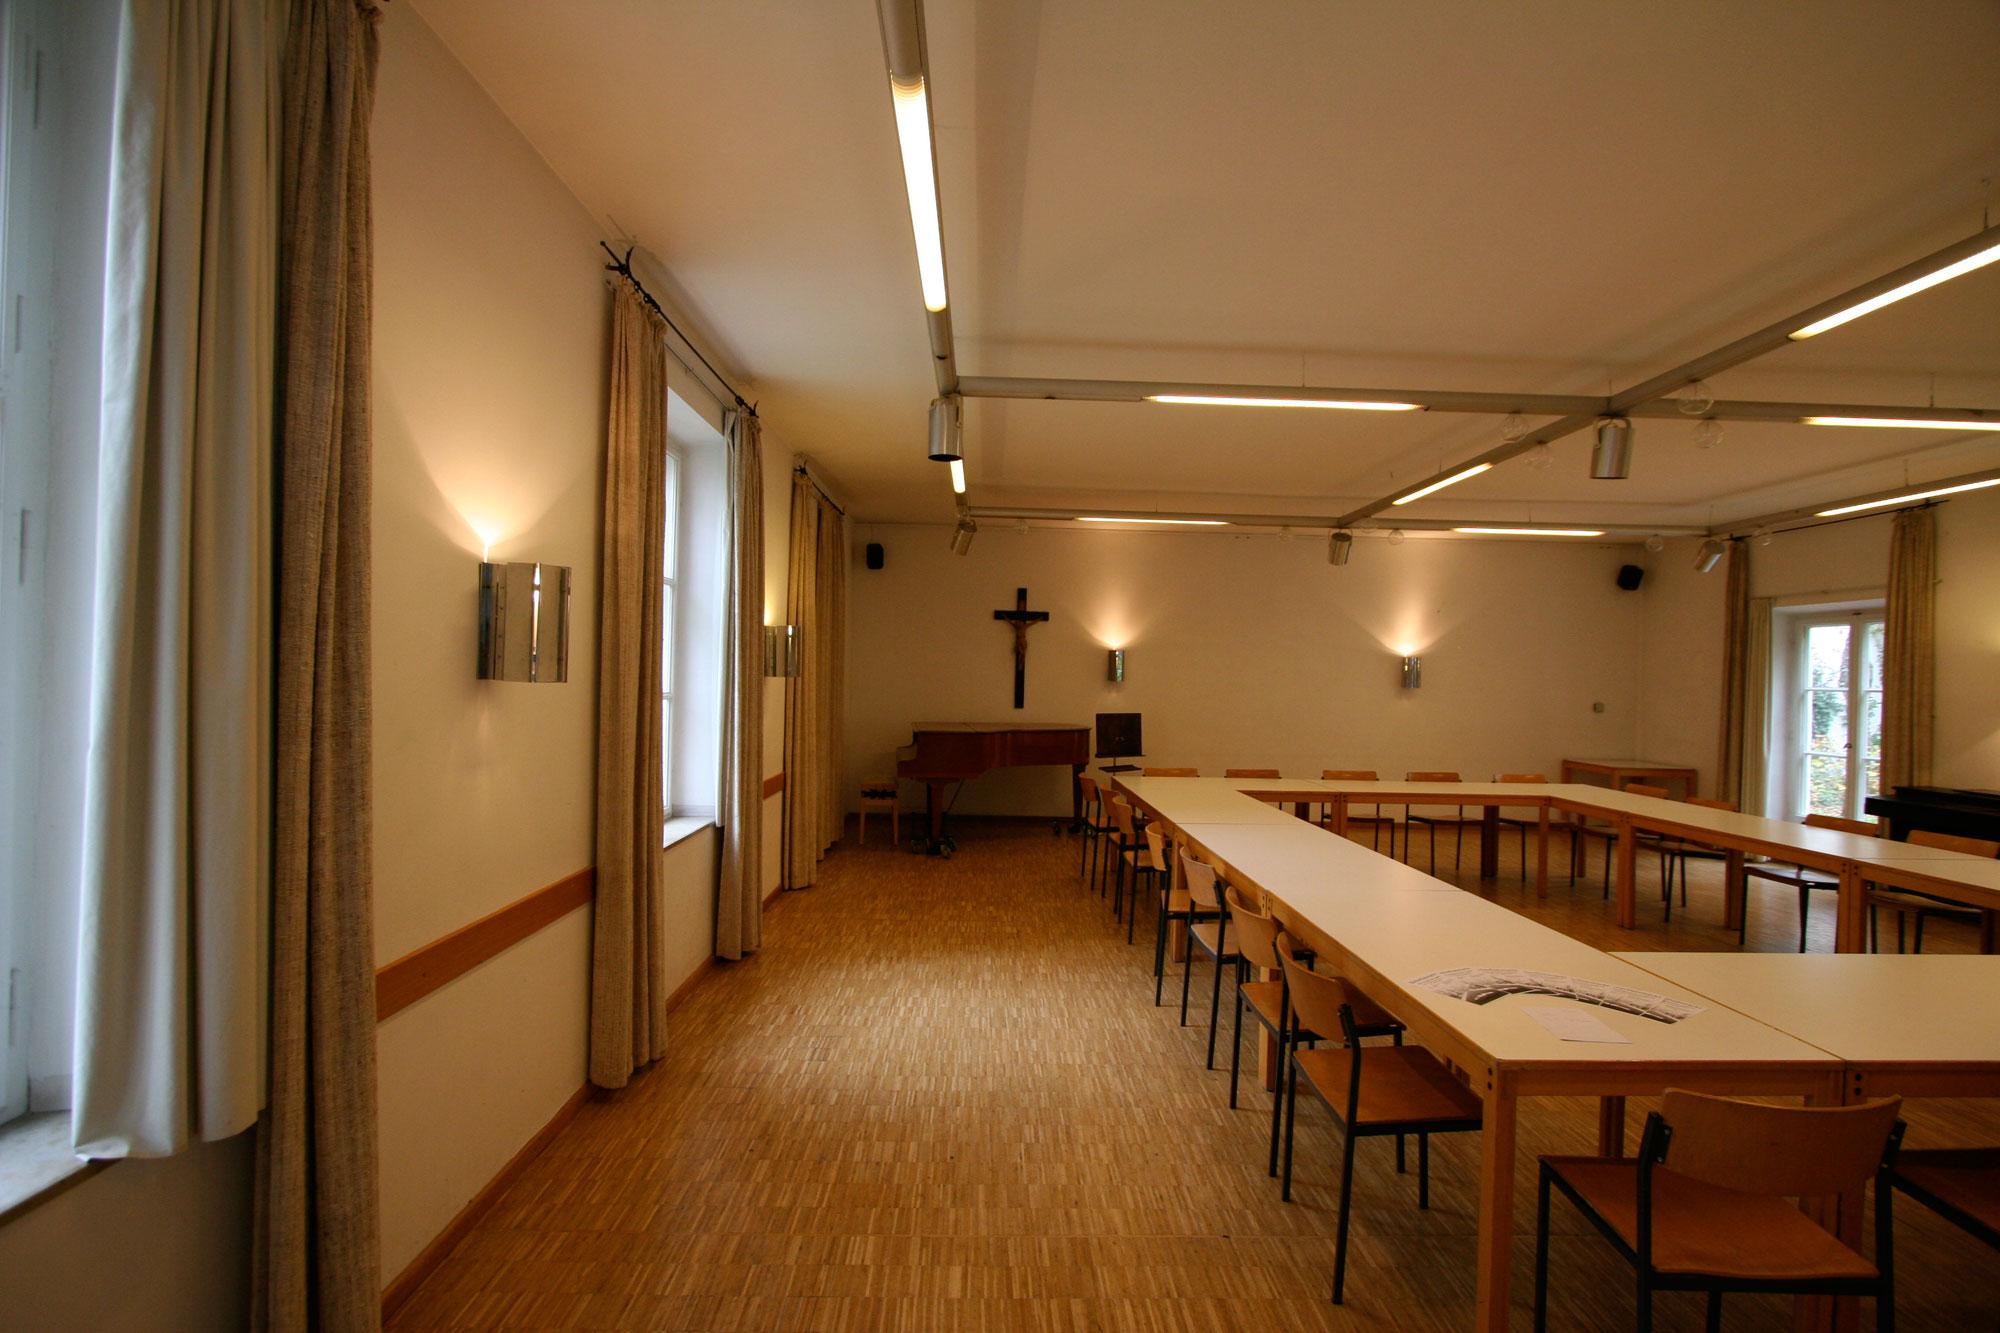 Innenarchitektur-München-Renovierung-Gemeindezentrum-Herrsching-Vorher-1